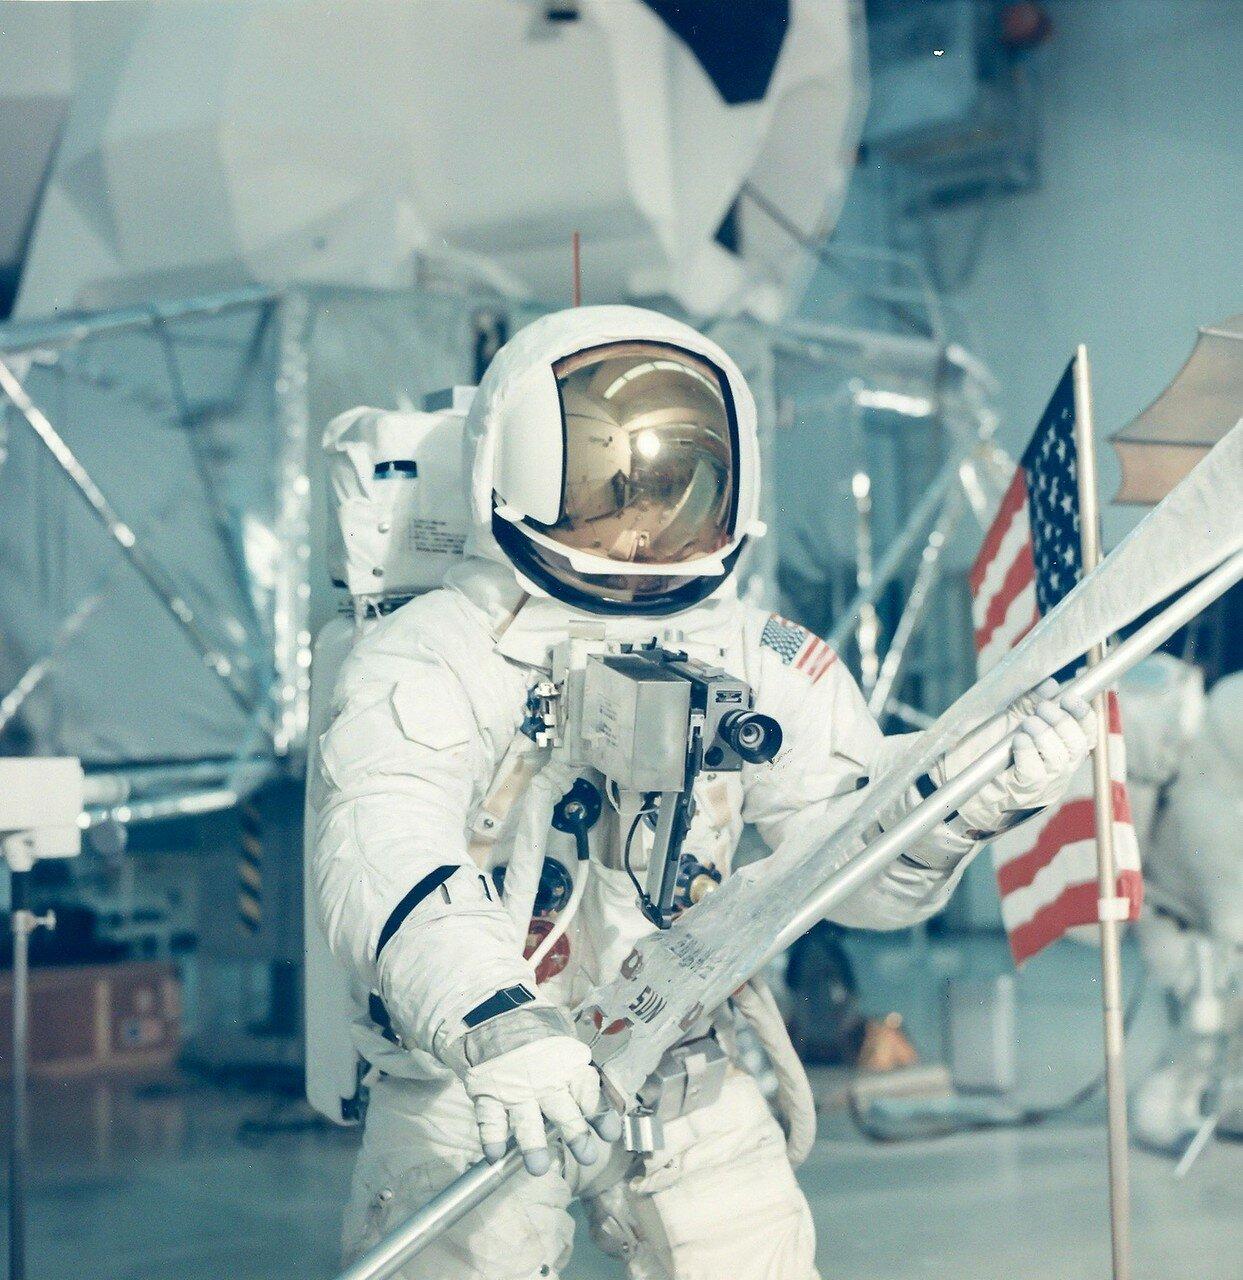 1970, февраль. Пилот лунного модуля — Хейз Фред Уоллес  имитирует выход на лунную поверхность во время тренировки